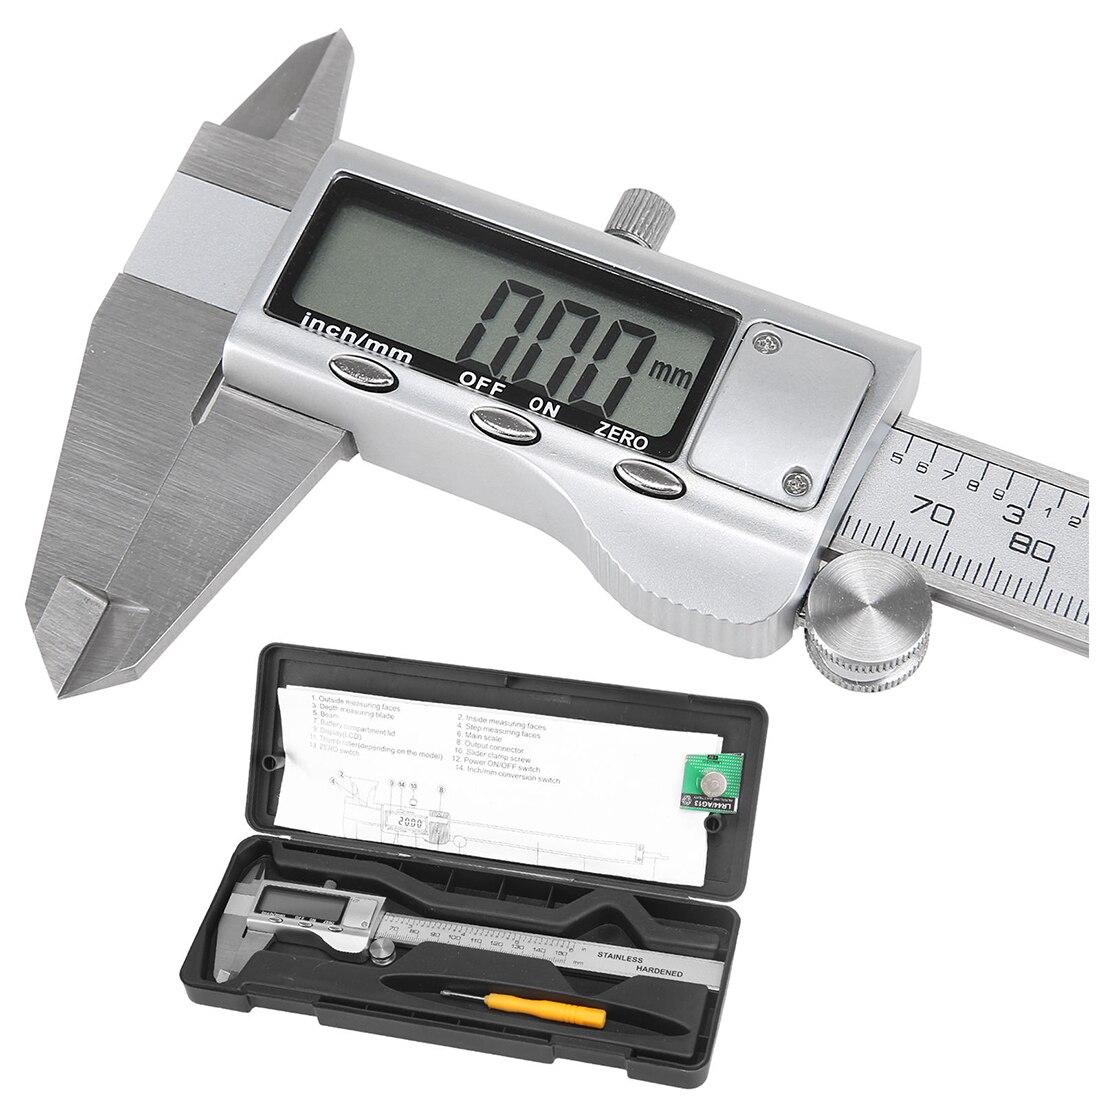 6/'/' Inside /& Outside Calipers For Dimension Vernier Caliper Measuring Tool